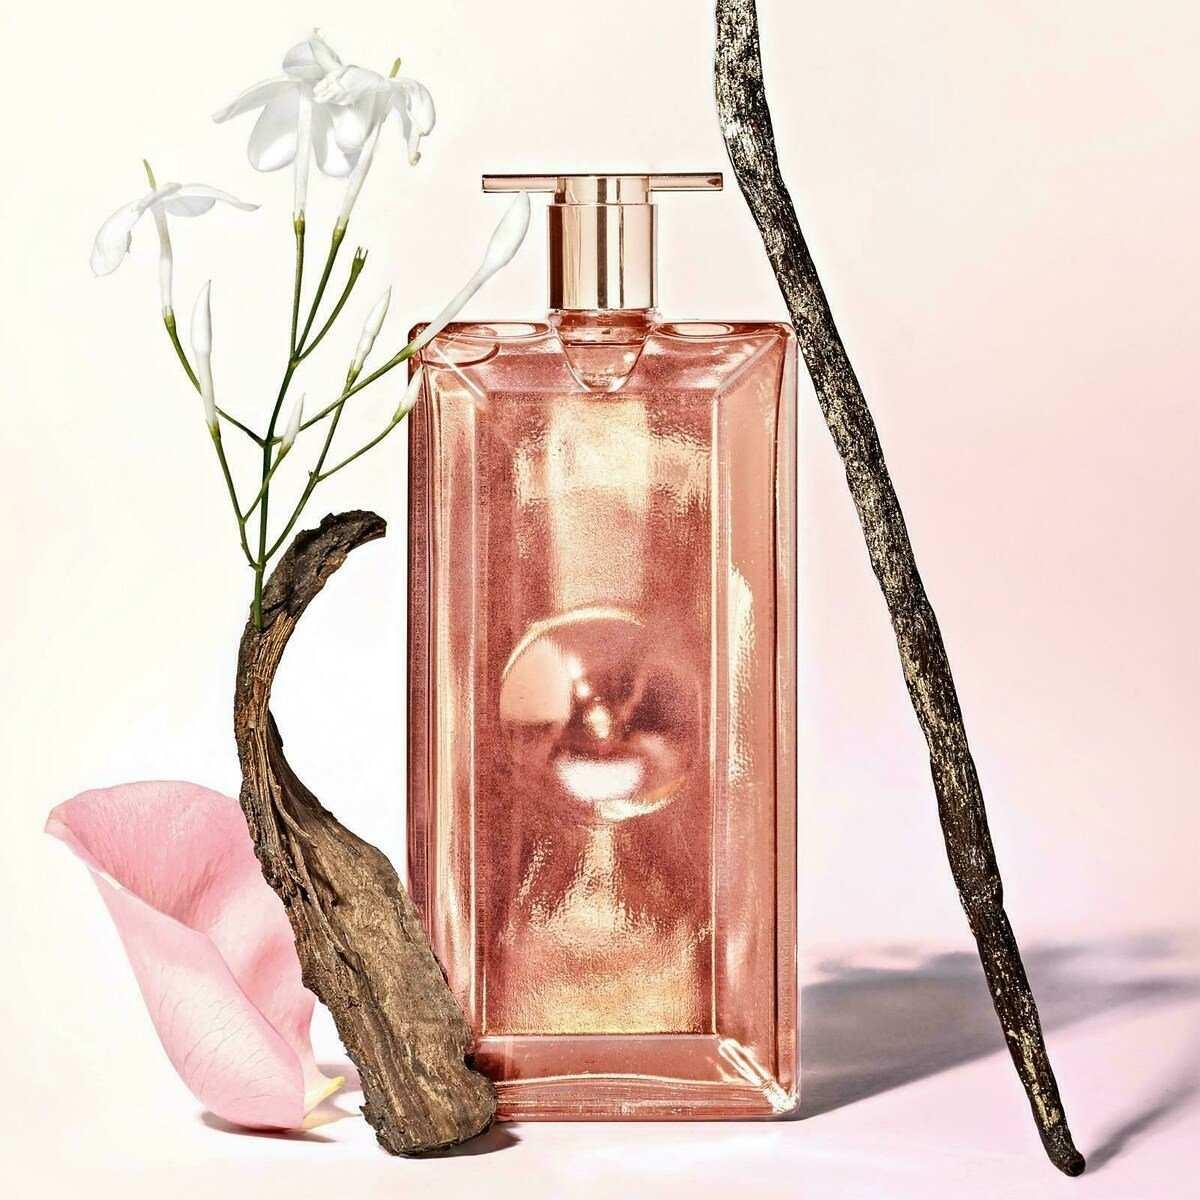 Выбираем парфюм: как отличить подделку от оригинала?